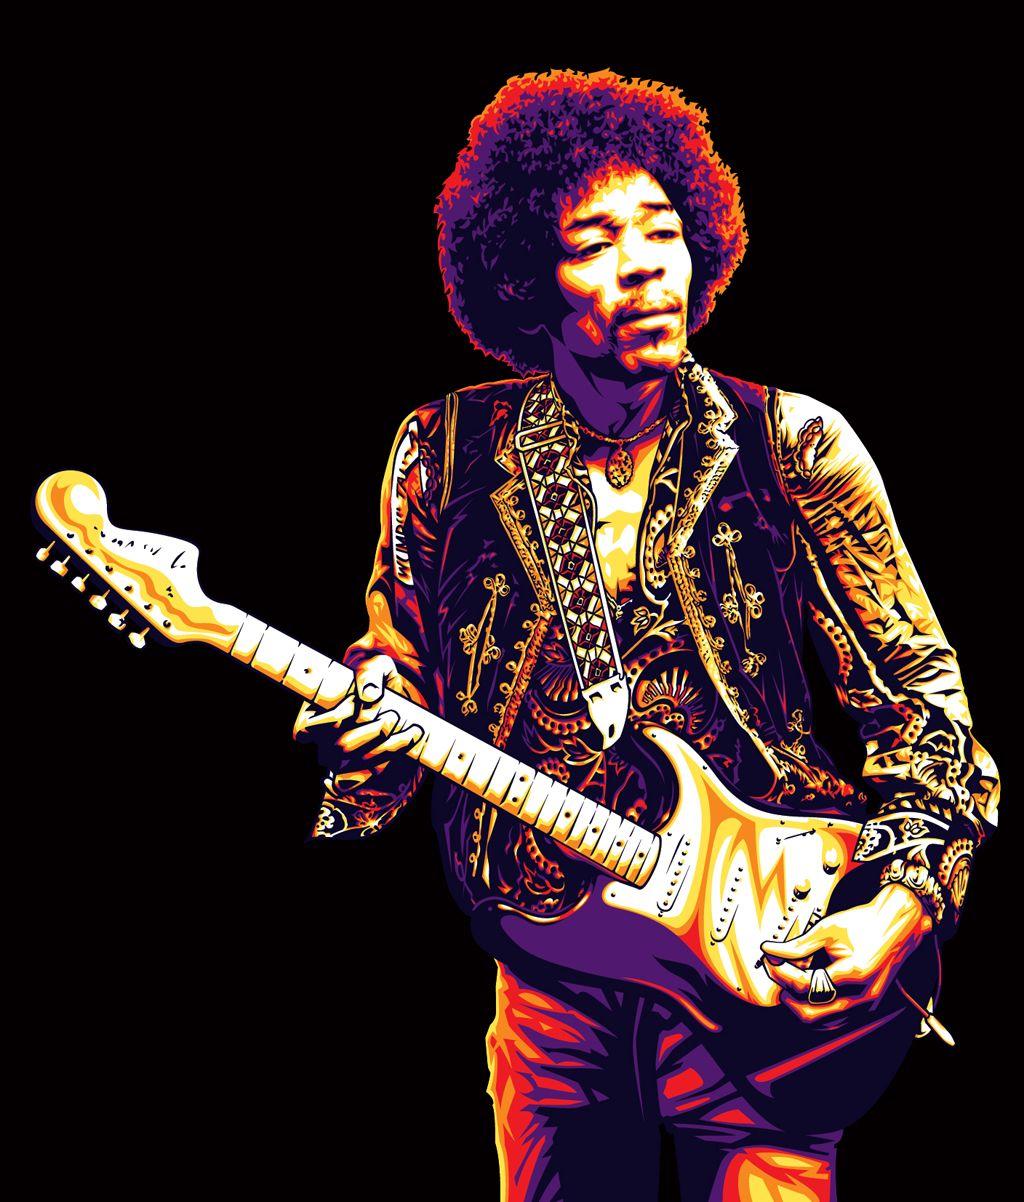 Resultado de imagen de Jimi Hendrix